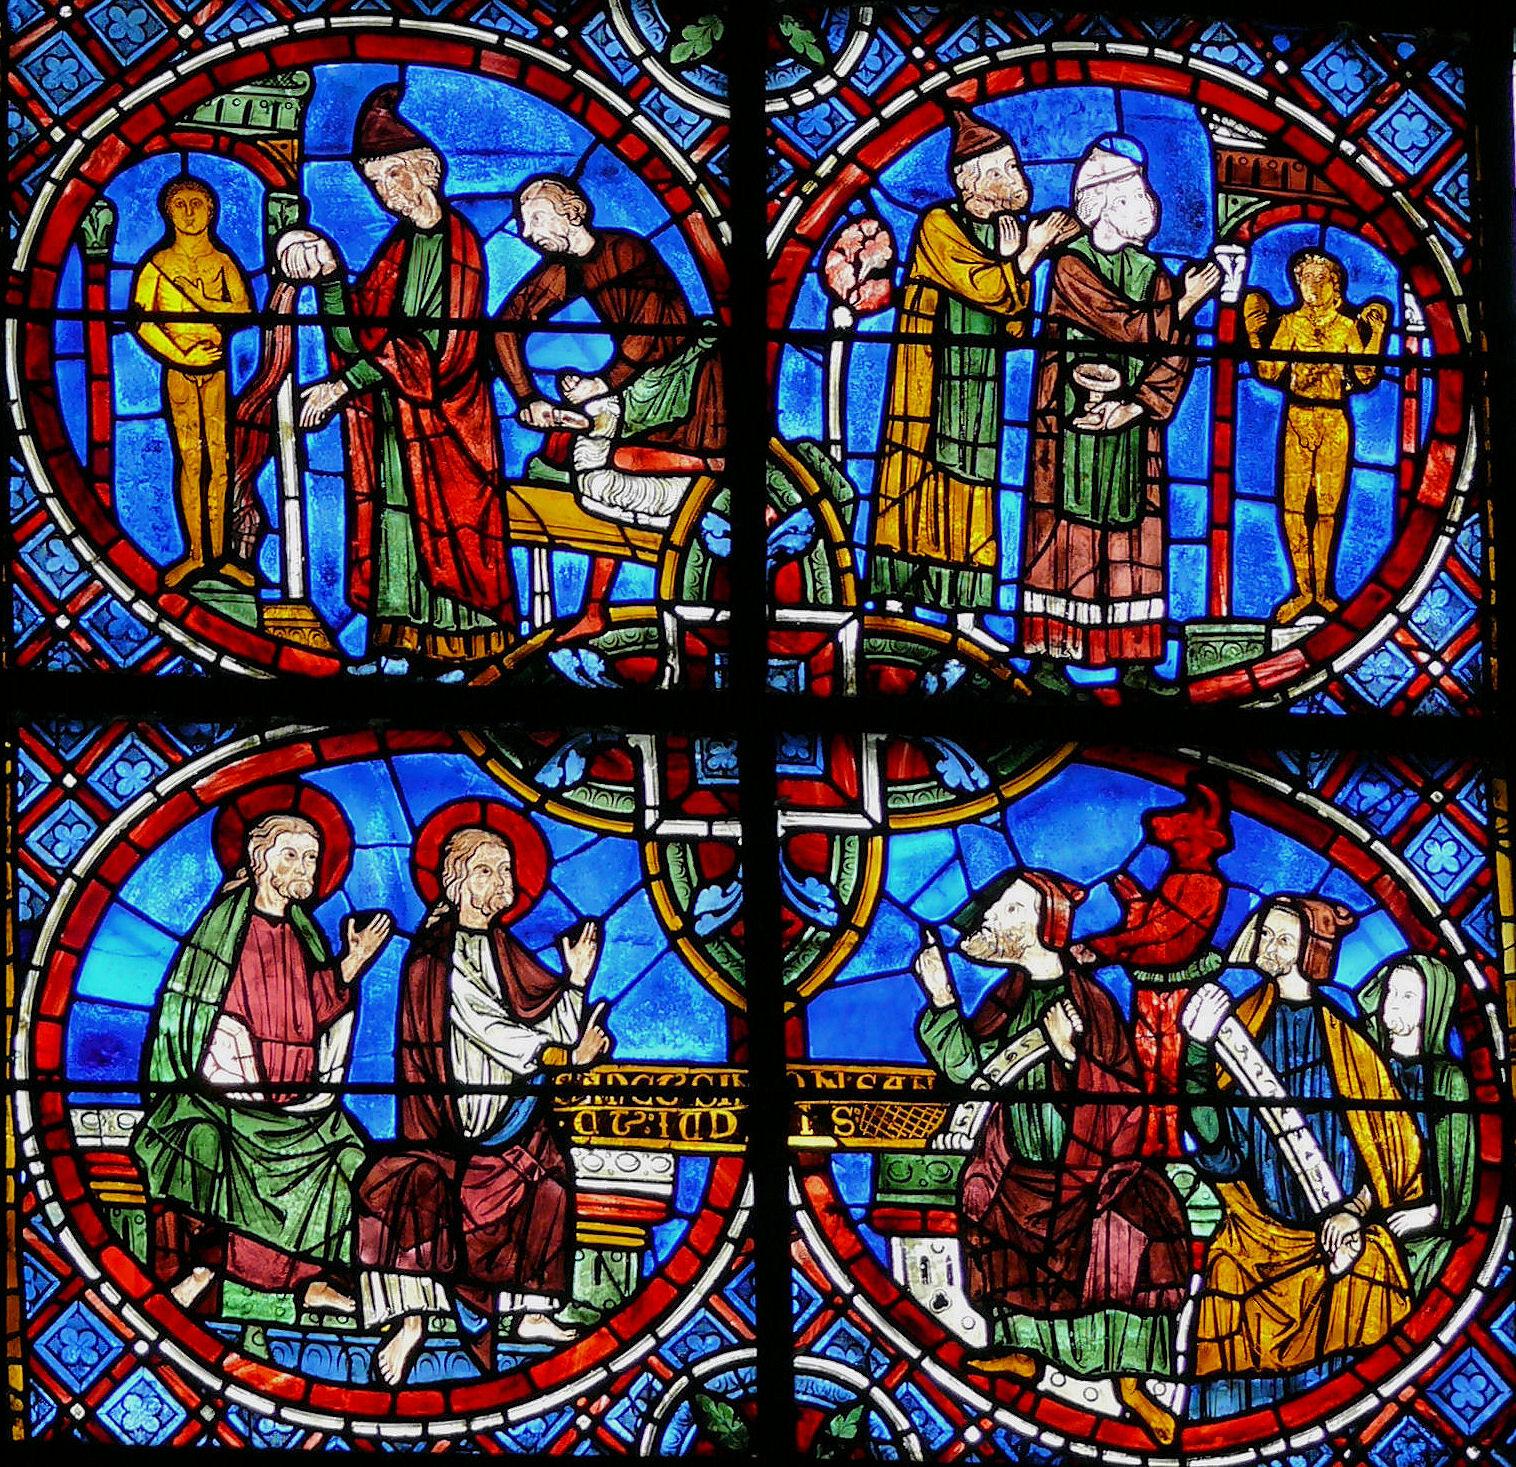 [Image: Chartres_-_Vitrail_de_la_Vie_des_saints_...mon_-1.jpg]